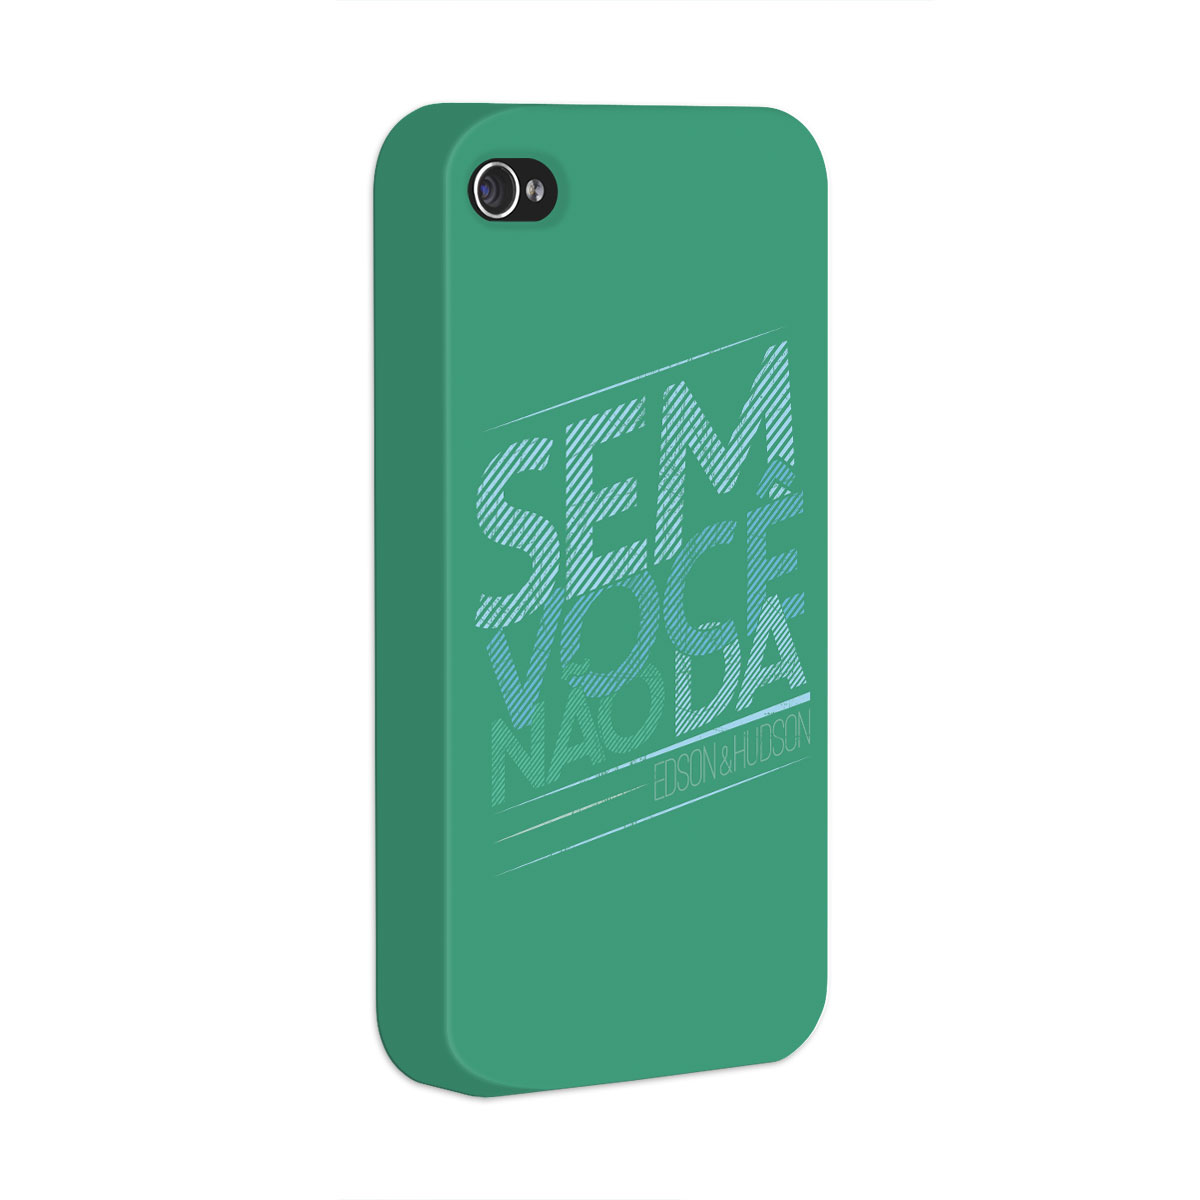 Capa para iPhone 4/4S Edson & Hudson Sem Voc� N�o D�